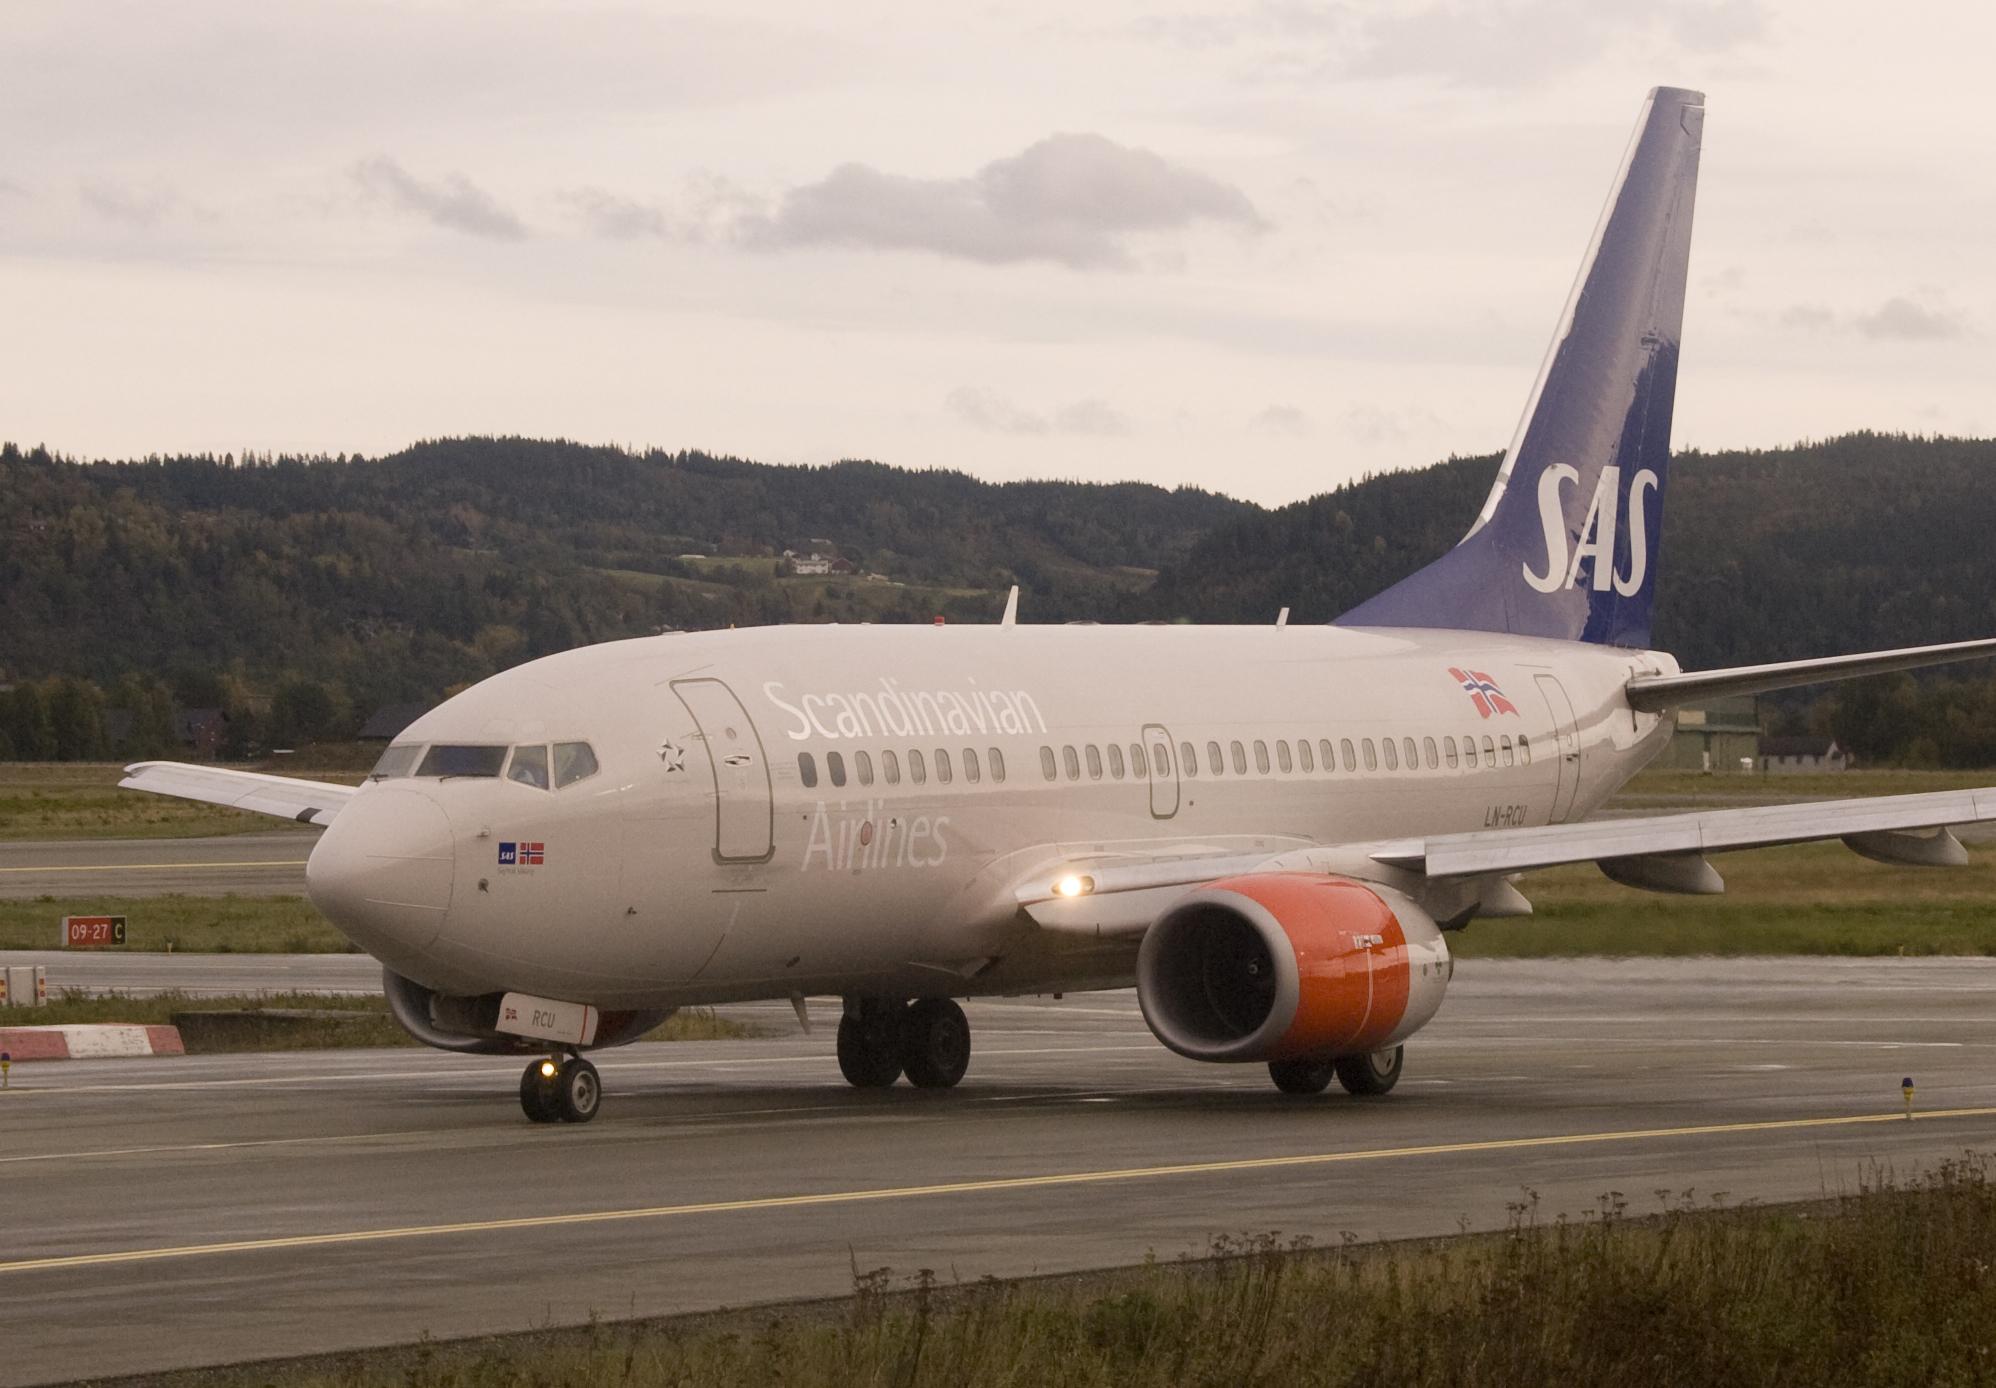 File:SAS LN-RCU Boeing 737-600 at Værnes.jpg